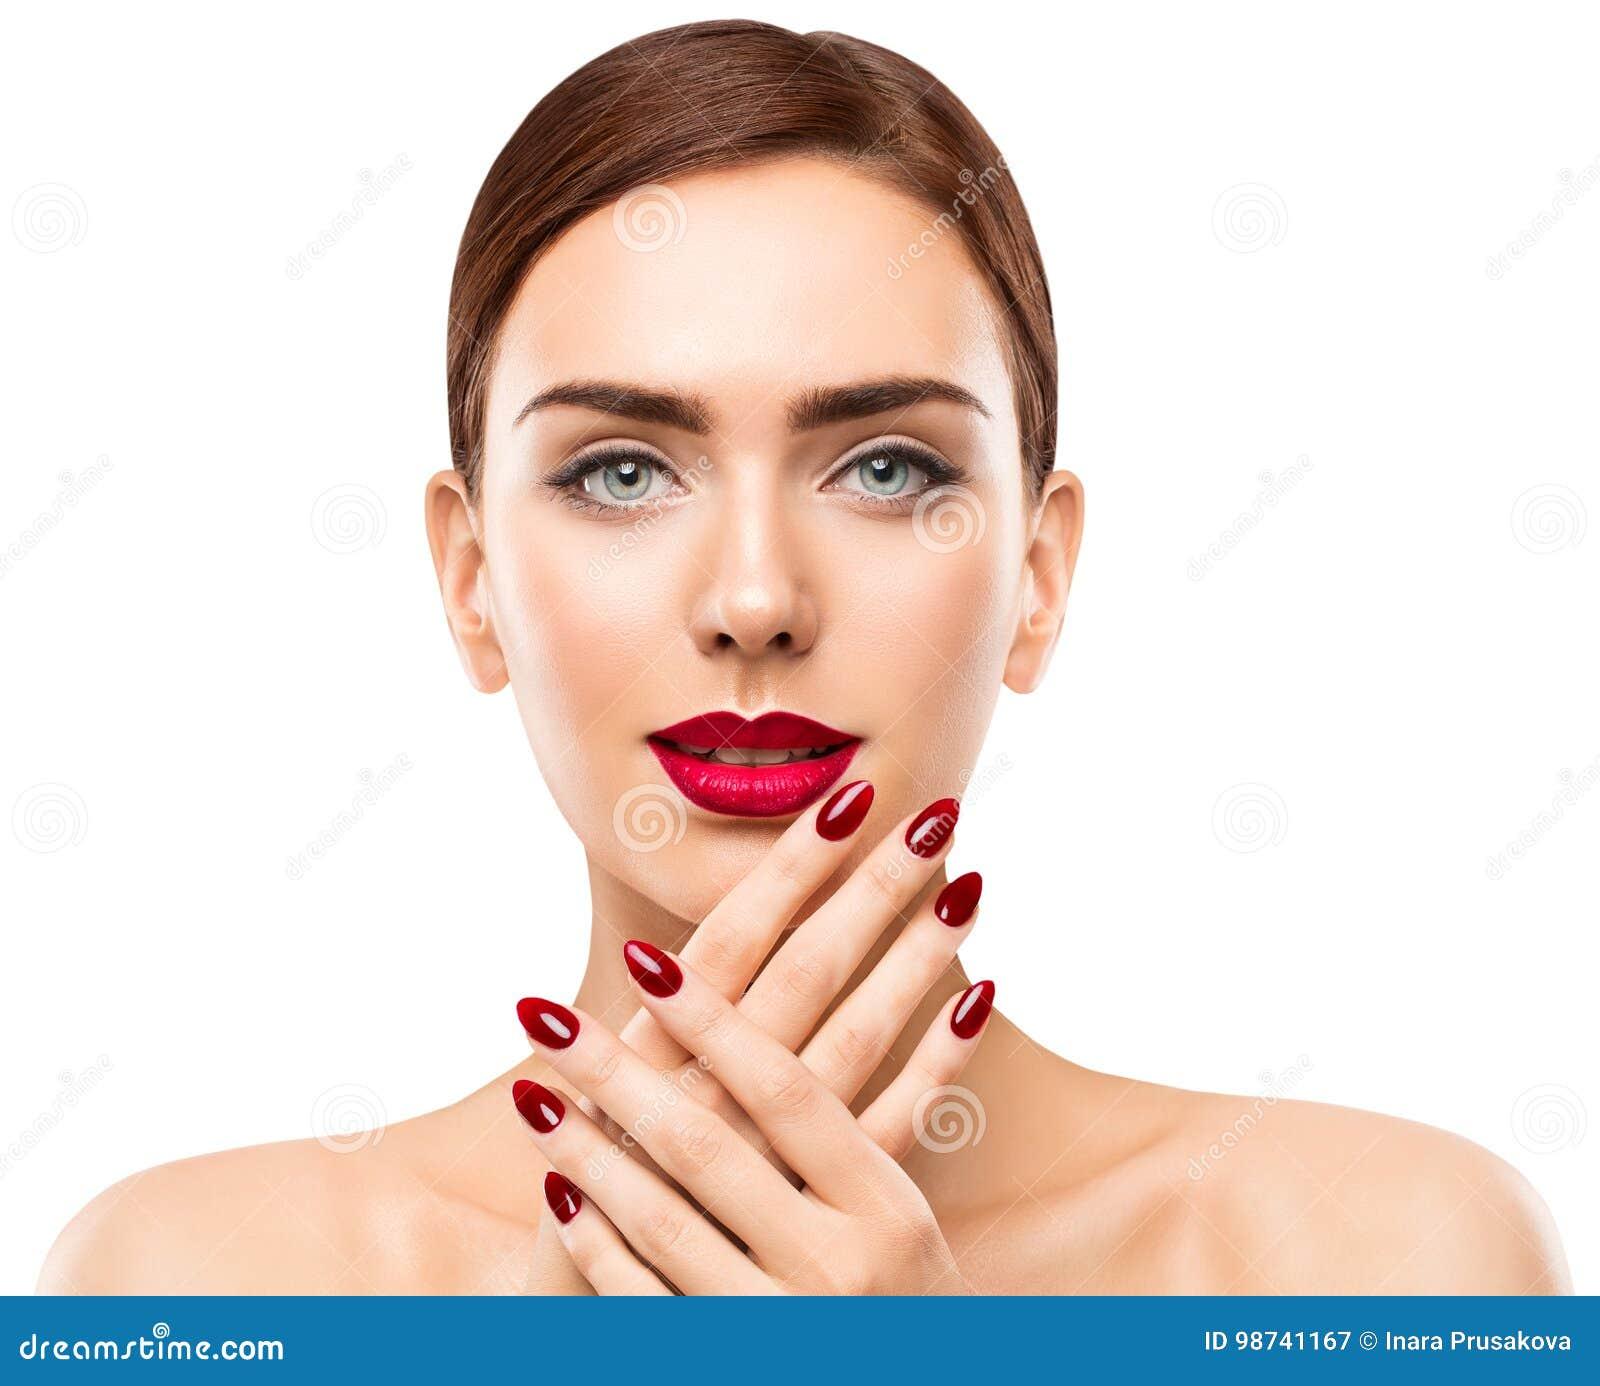 Χείλια προσώπου ομορφιάς γυναικών και καρφιά, κόκκινο καρφί στίλβωση κραγιόν